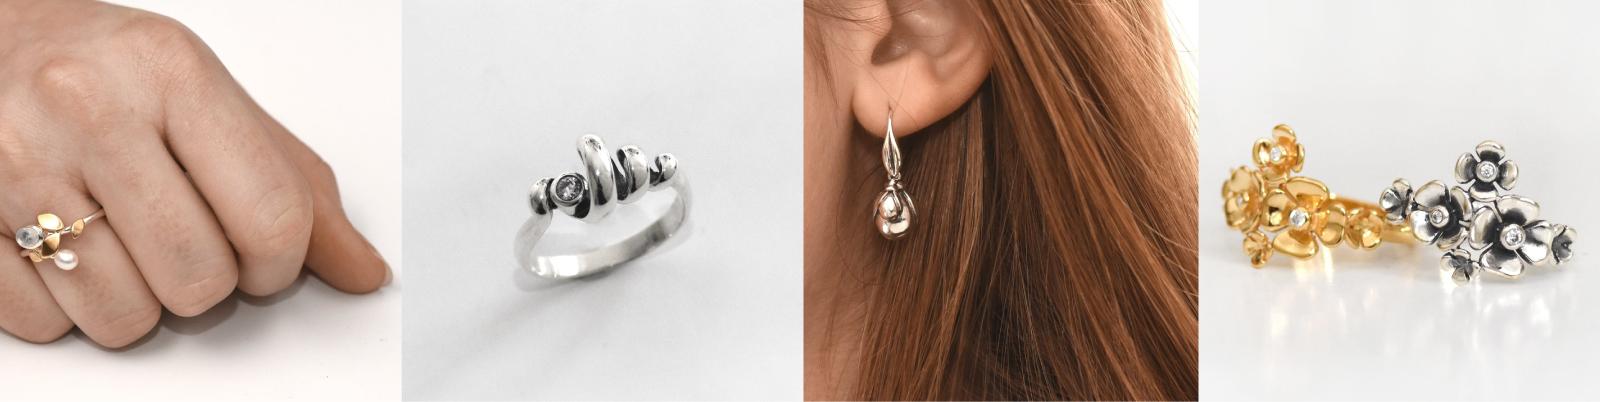 Rabinovich-unieke-sieraden-verkrijgbaar-bij-Wolters-Juweliers-Coevorden-Emmen